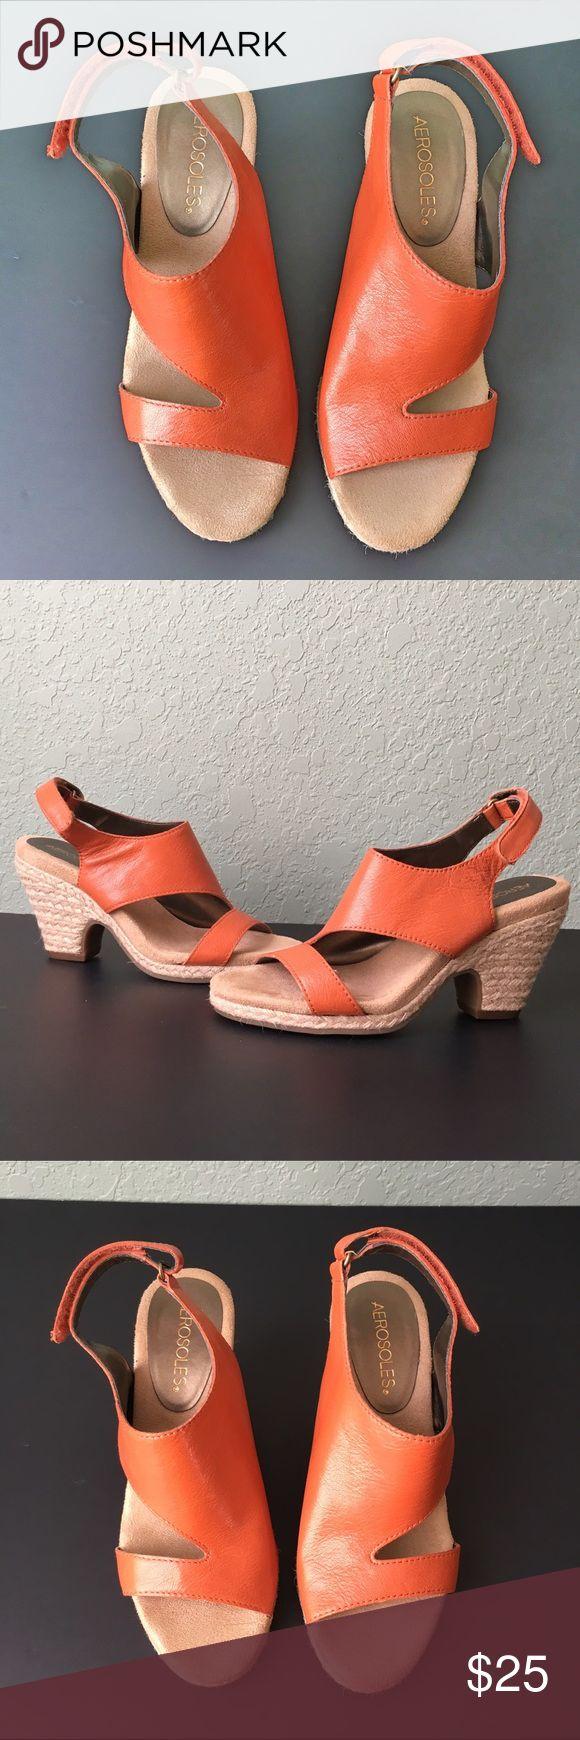 """Aerosoles Orange Sandal Wedges Aerosoles Orange Sandal Wedges ~ Velcro Ankle Straps ~ Size 6 ~ 3"""" Wedge Heel AEROSOLES Shoes Wedges"""